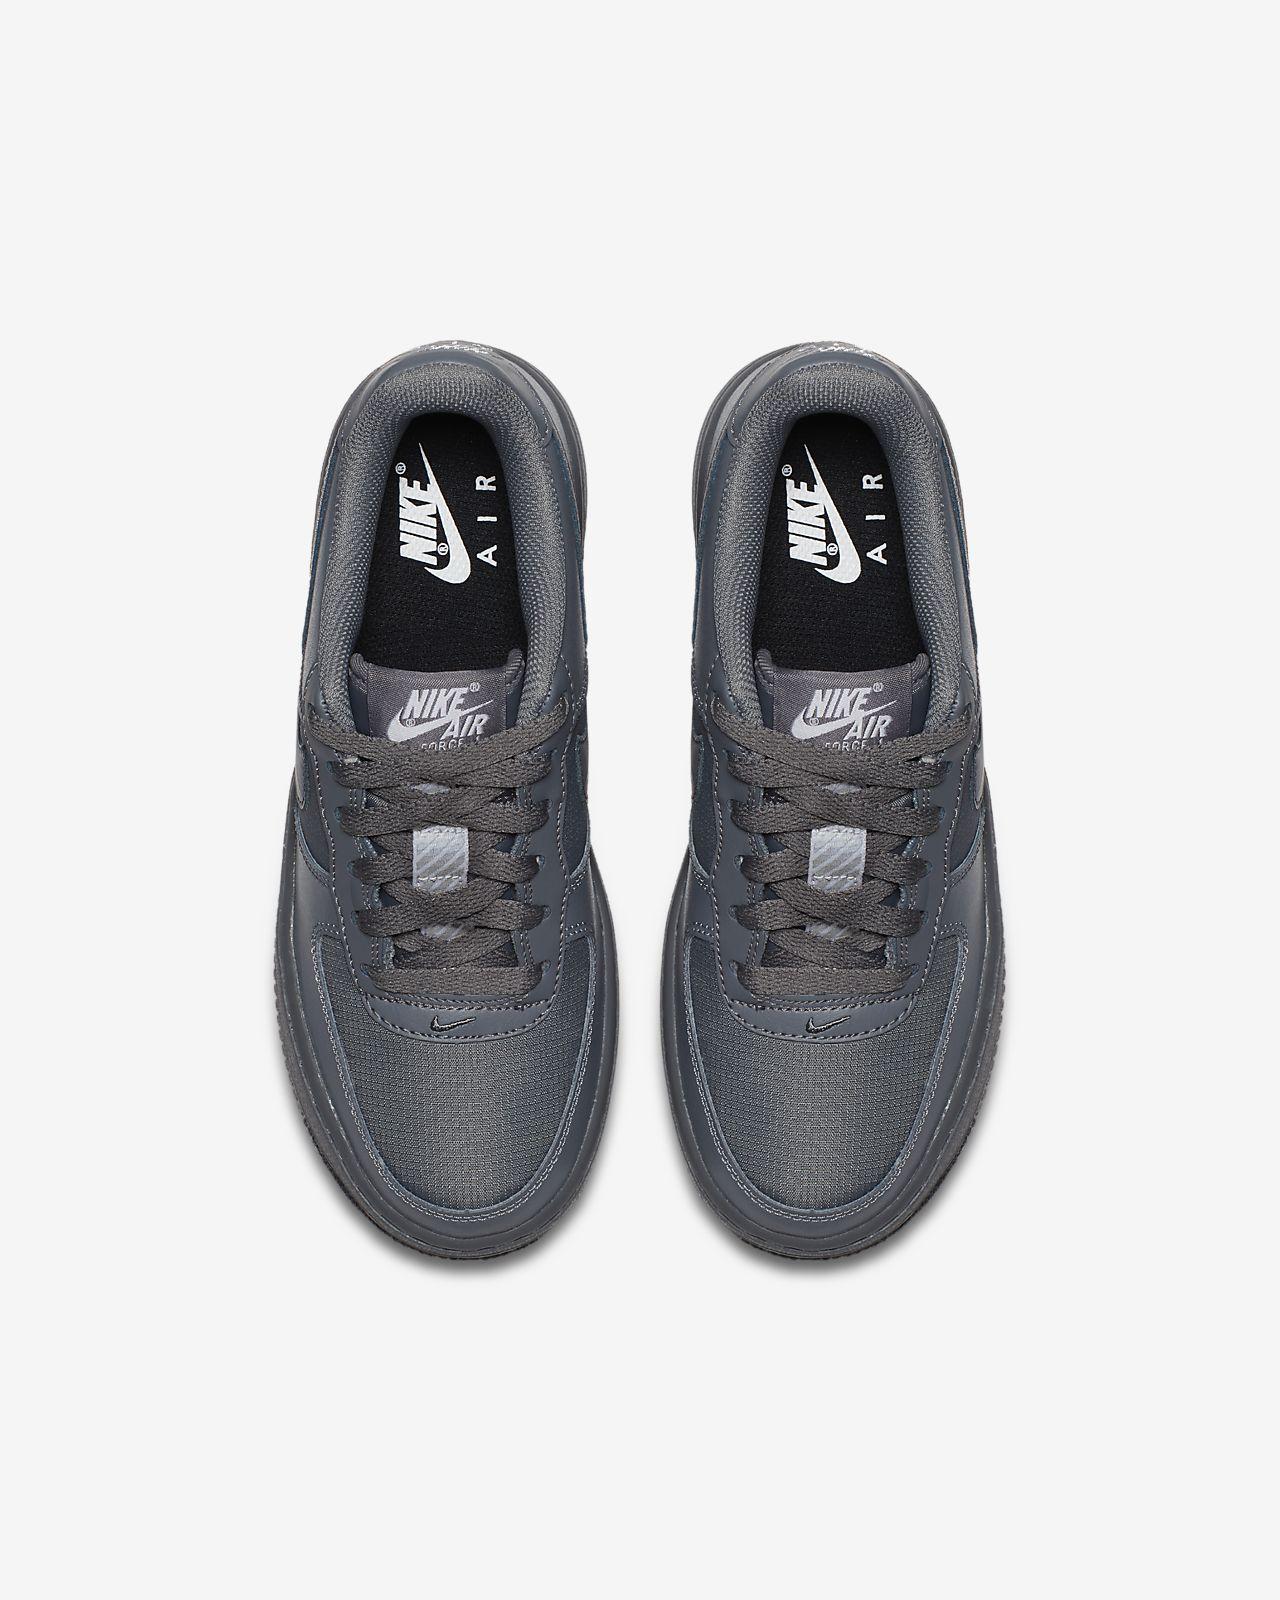 Nike Air Force 1 LV8 Schuh für ältere DE